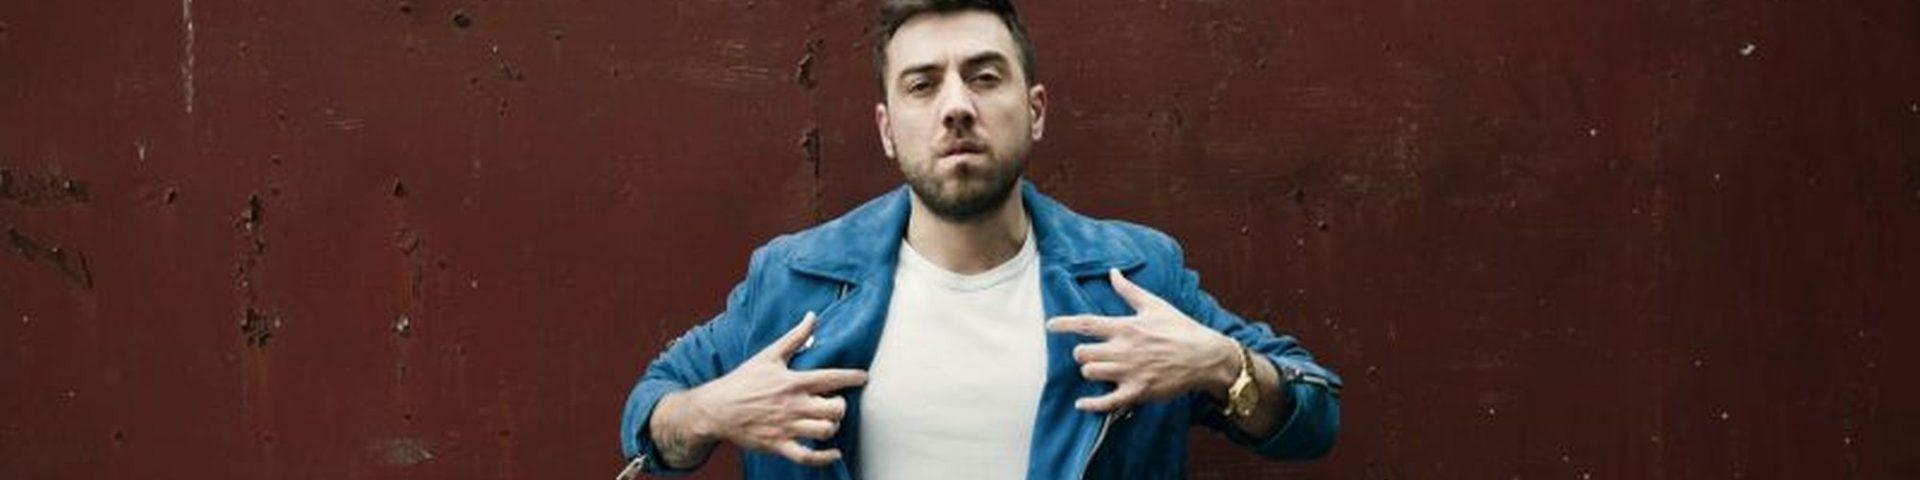 Coez: da rapper a nuovo cantautore italiano